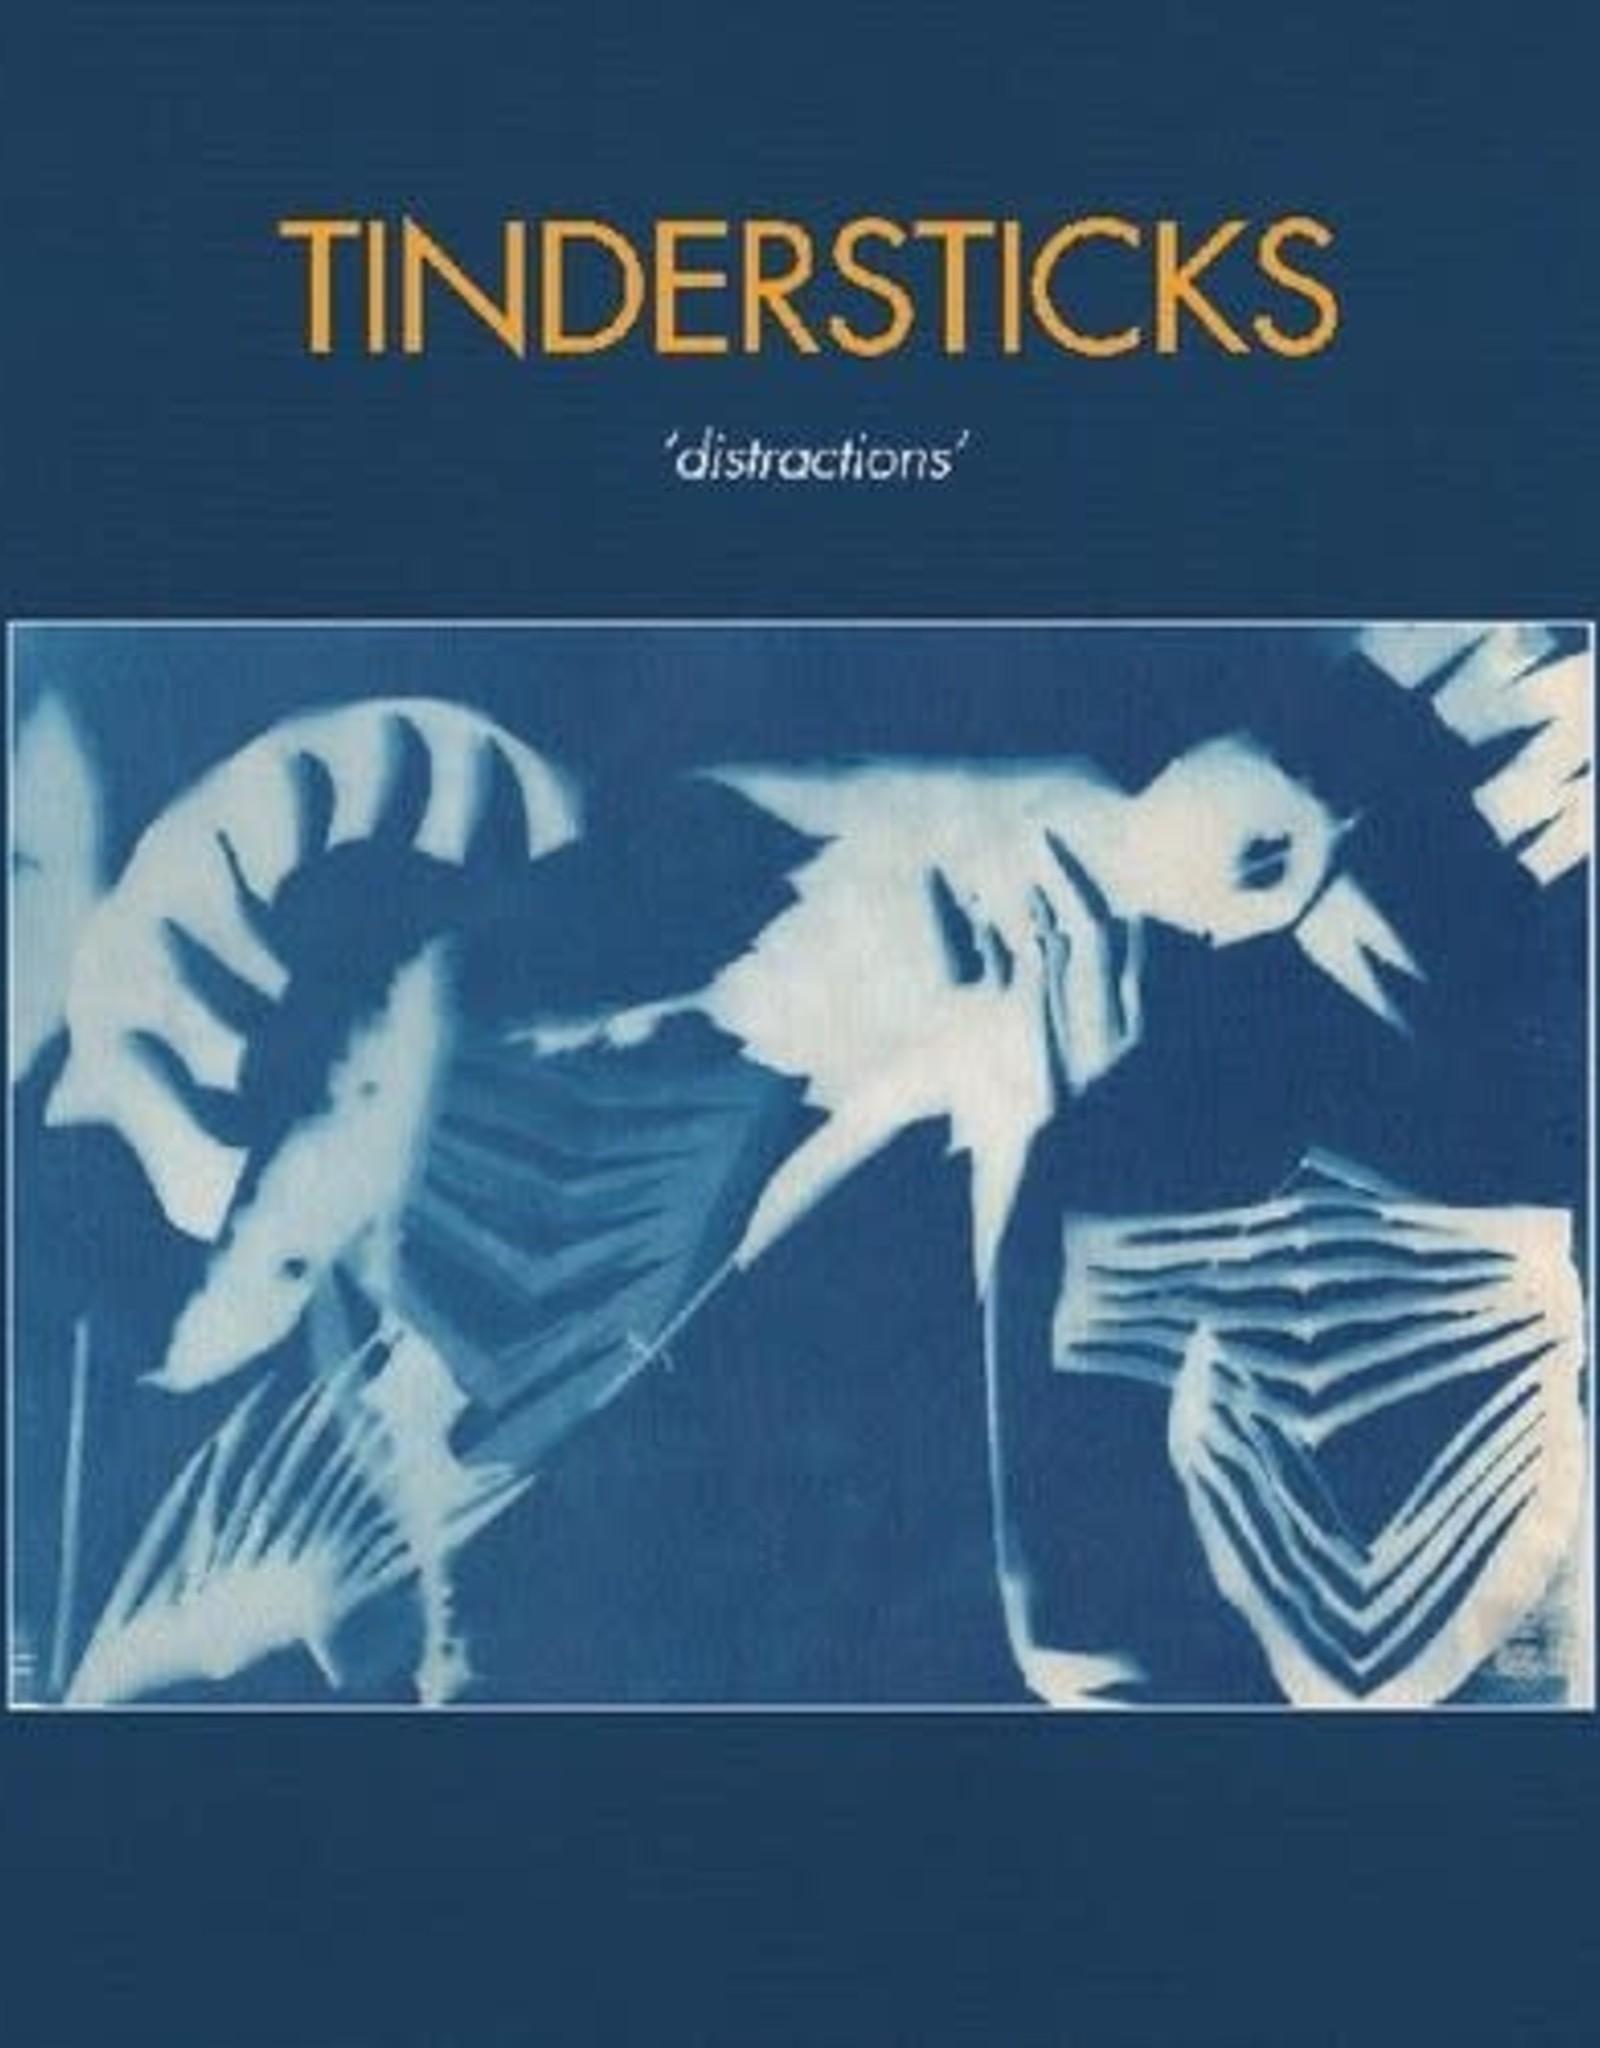 Tindersticks - Distractions (BLUE VINYL)